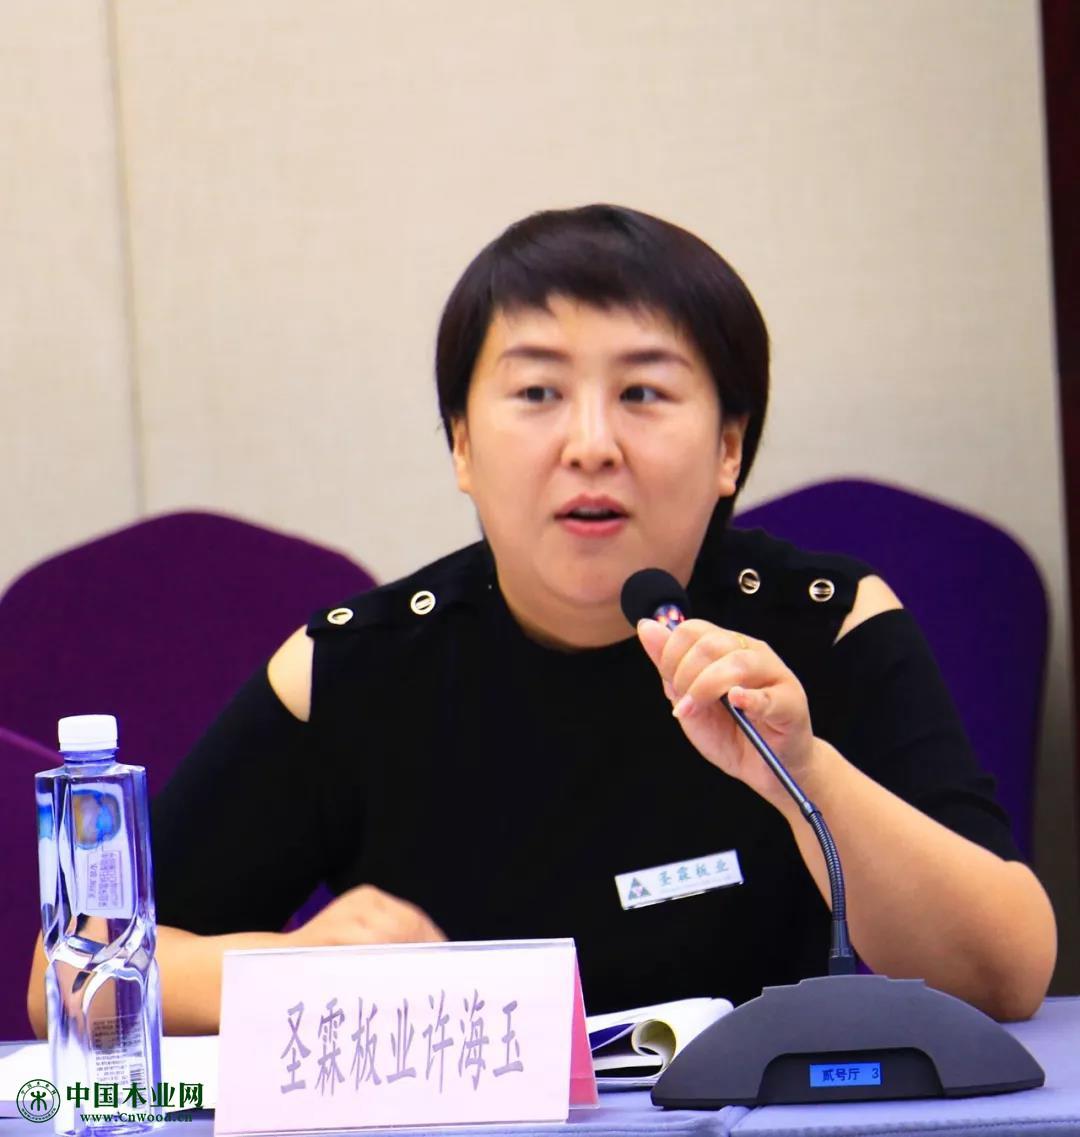 易县圣霖板业有限责任公司许海玉总经理发言